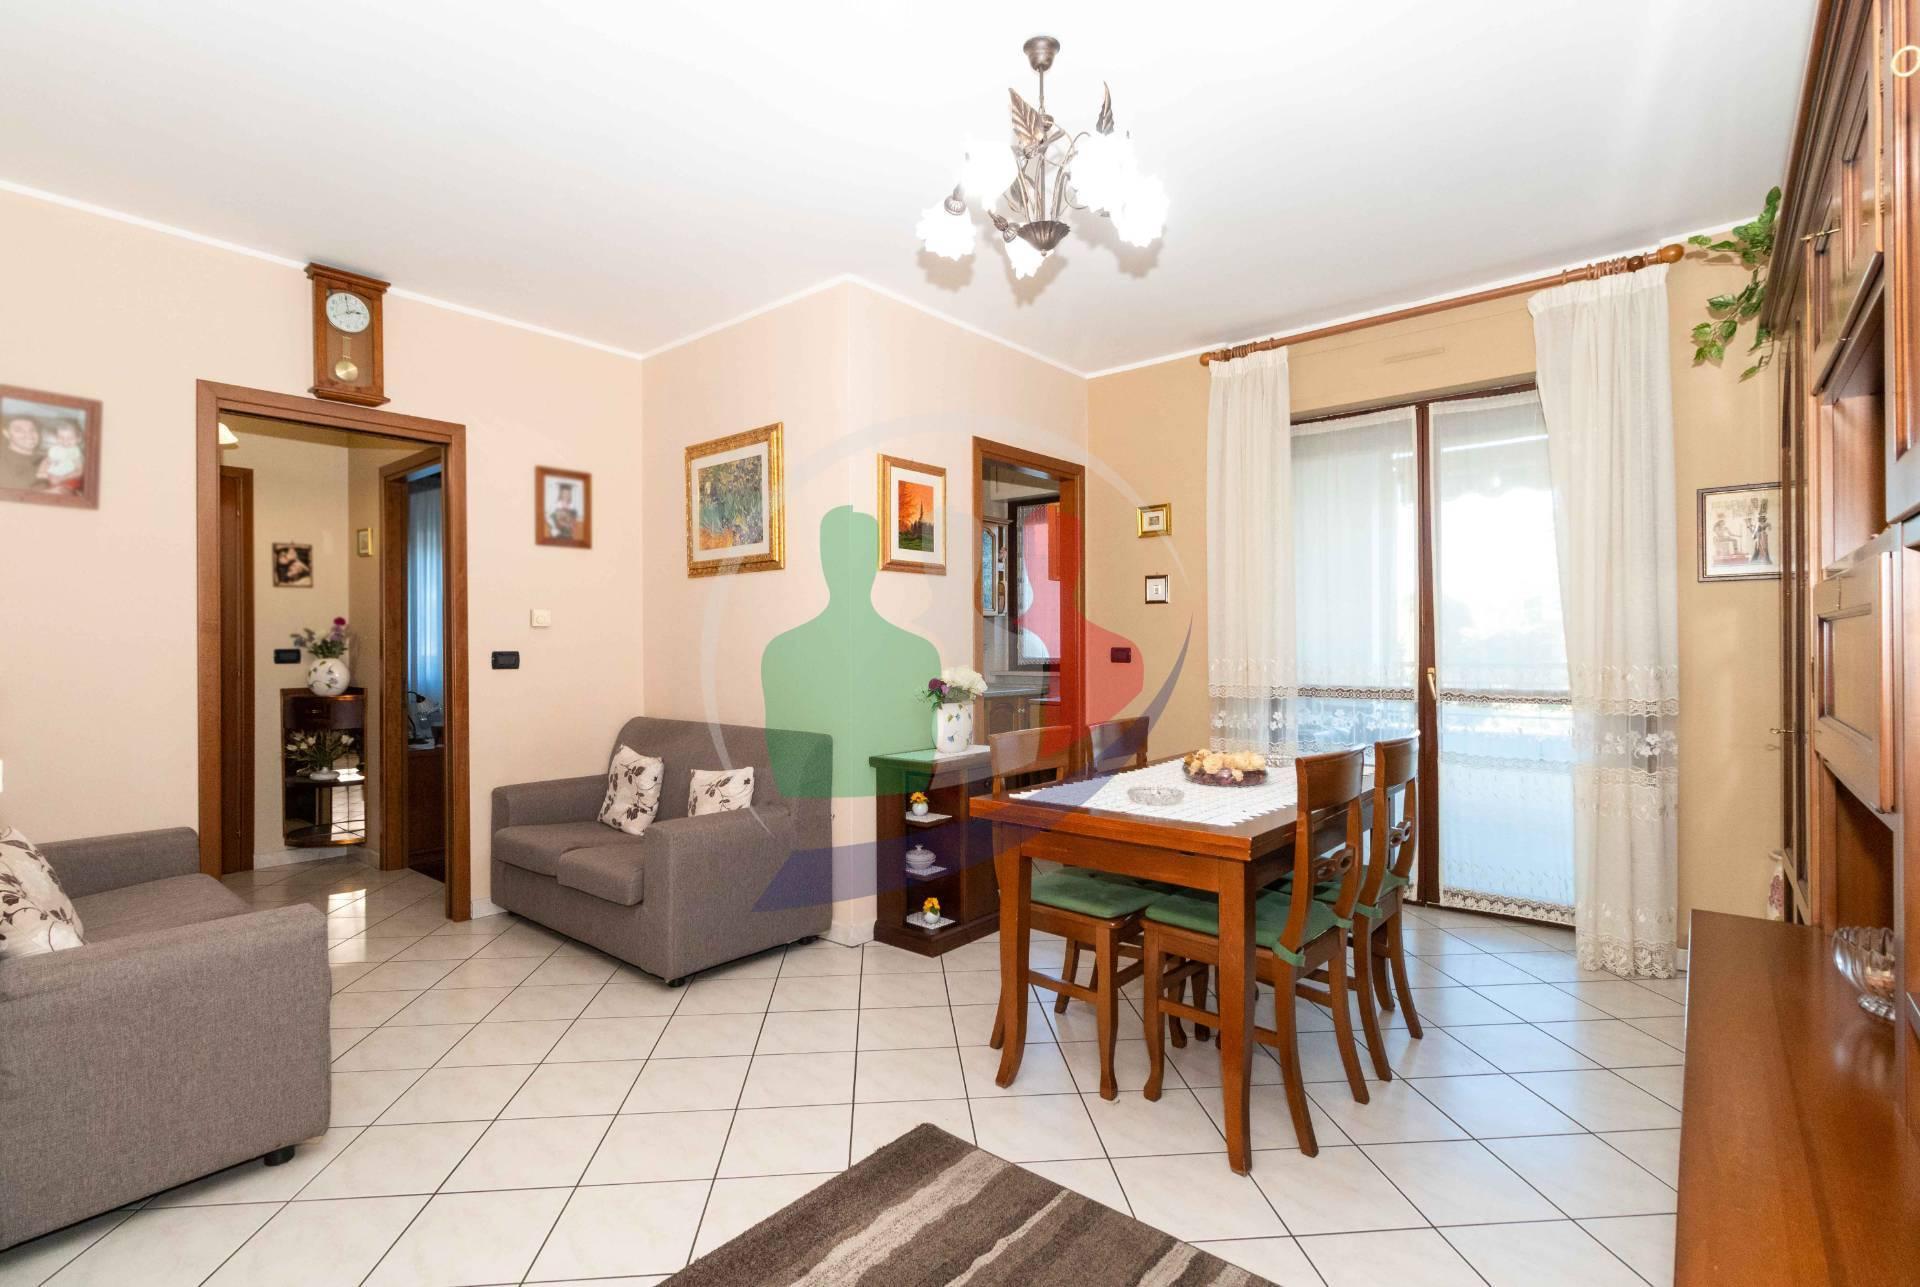 Appartamento in vendita a Torino, 3 locali, zona Località: Lucento, prezzo € 139.000 | PortaleAgenzieImmobiliari.it